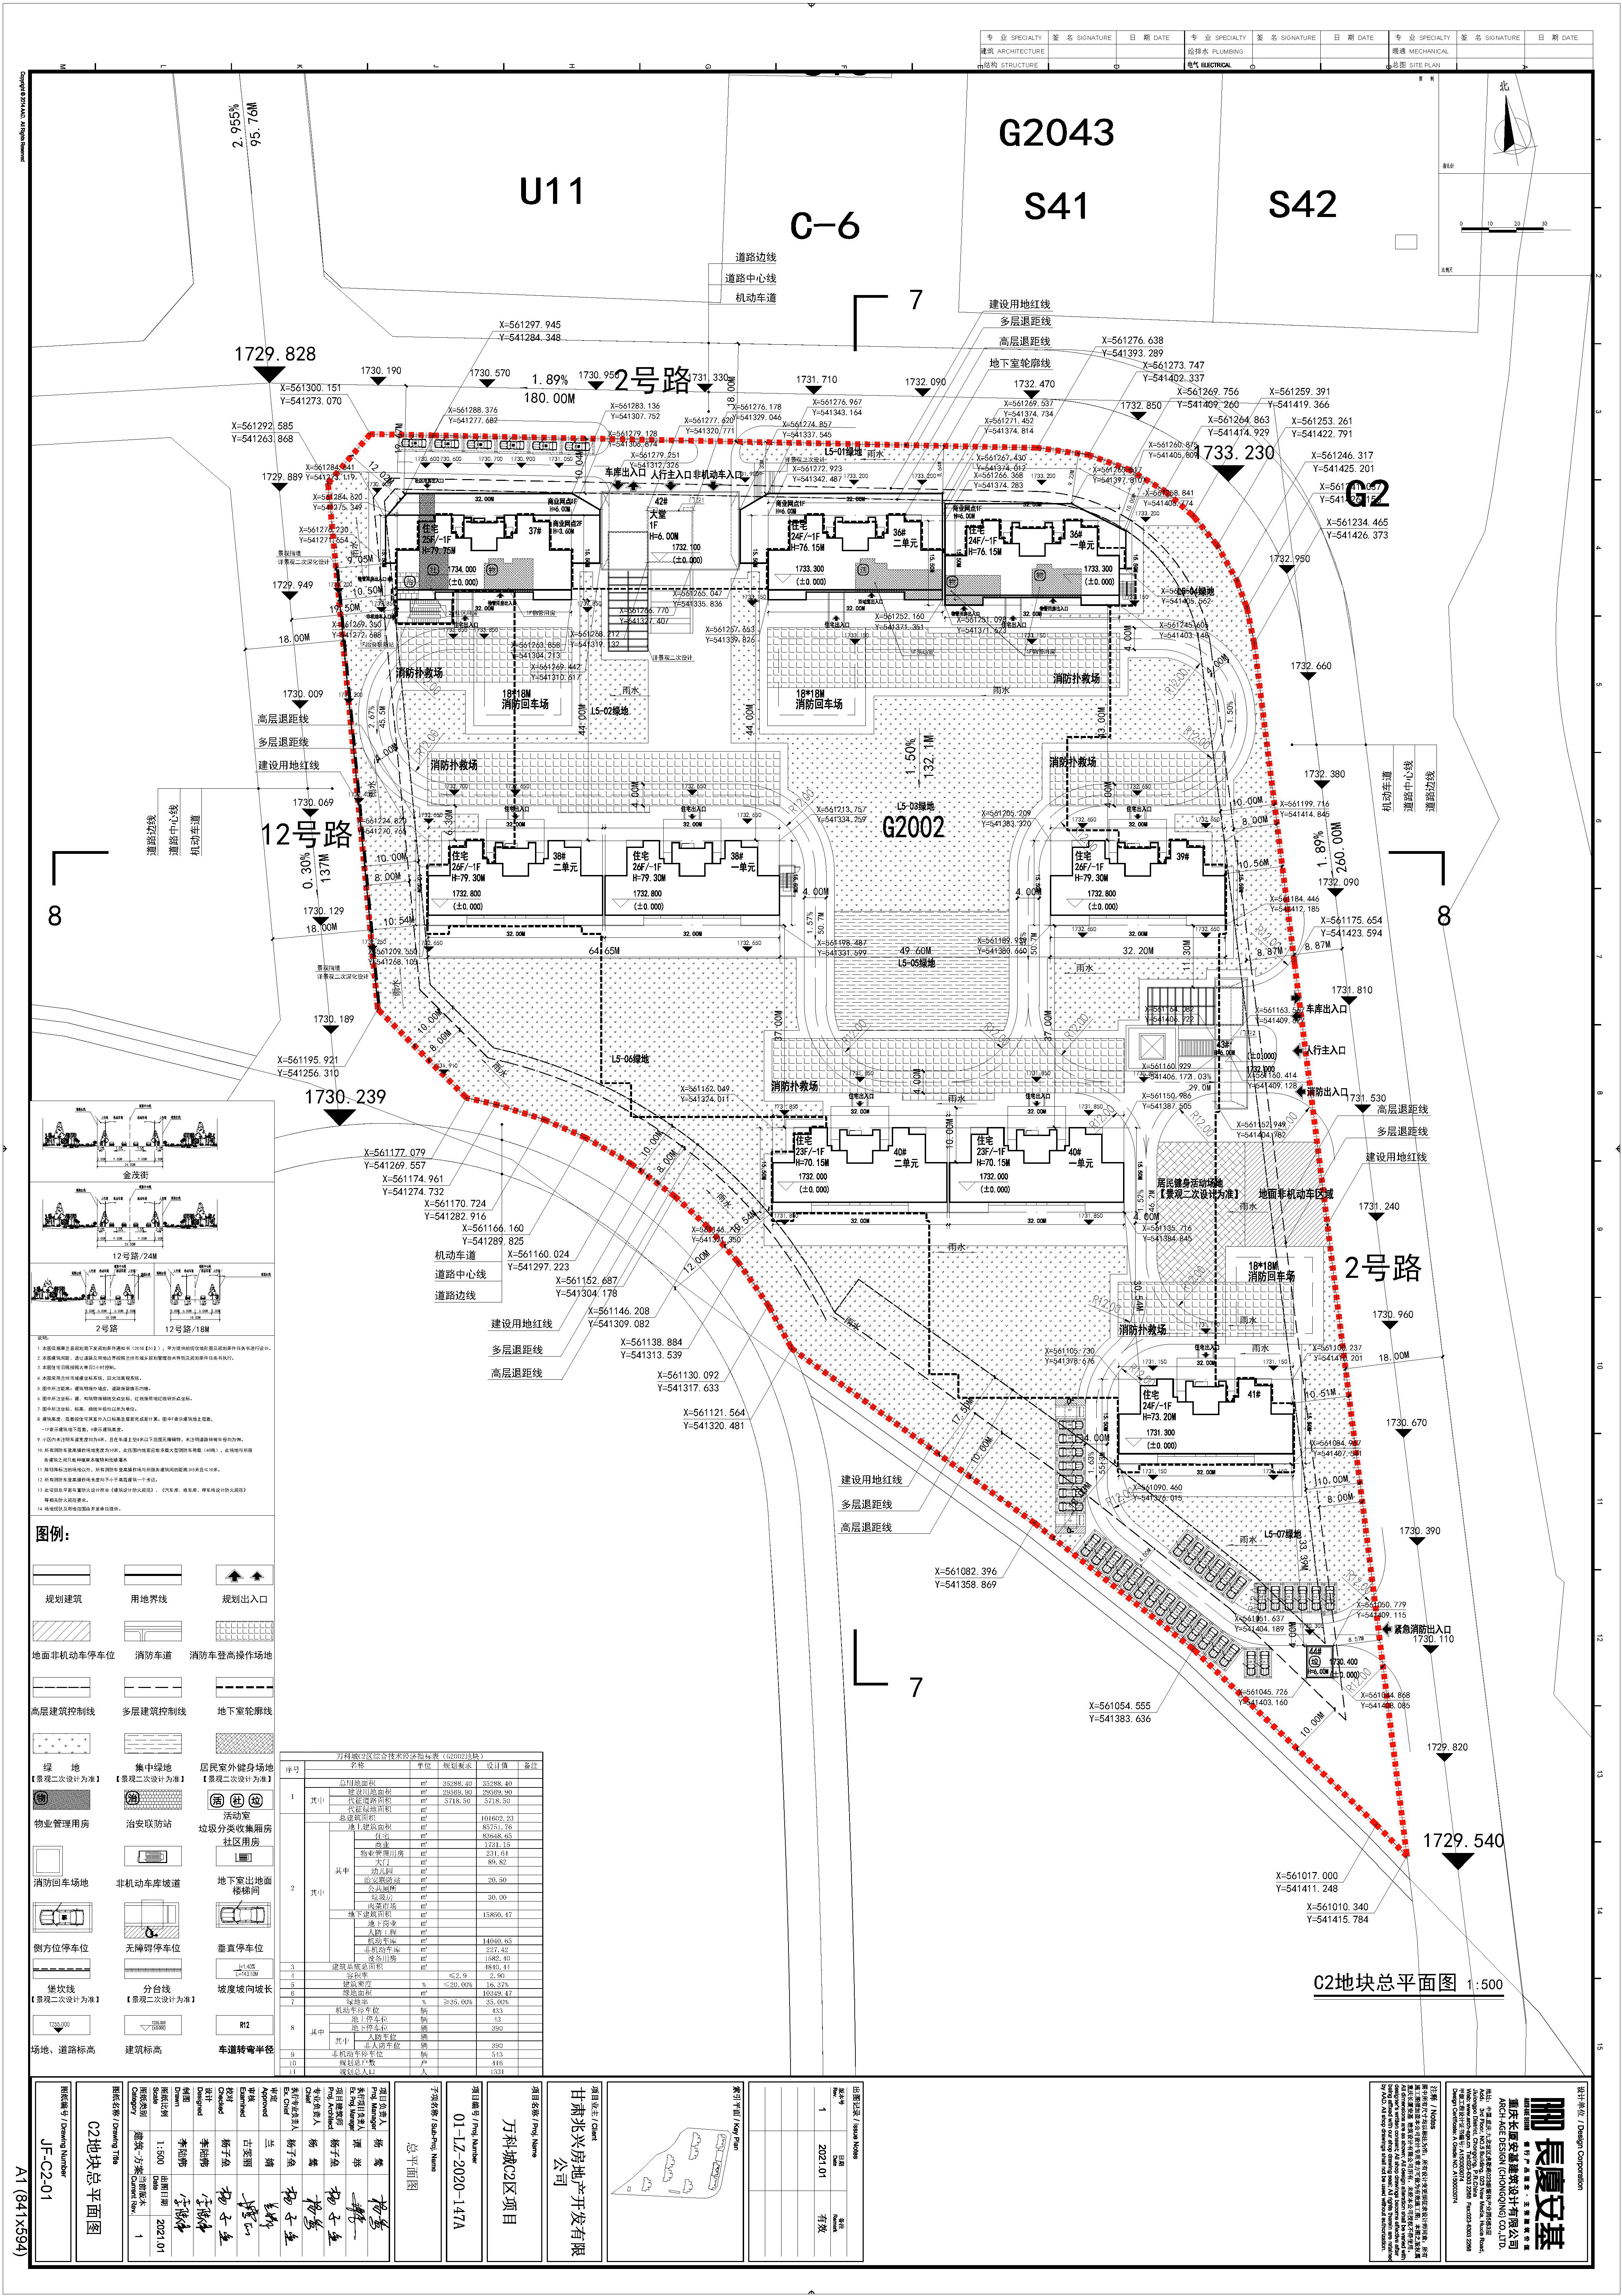 皋兰县自然资源局关于万科城C2区项目总平面方案的批后公布